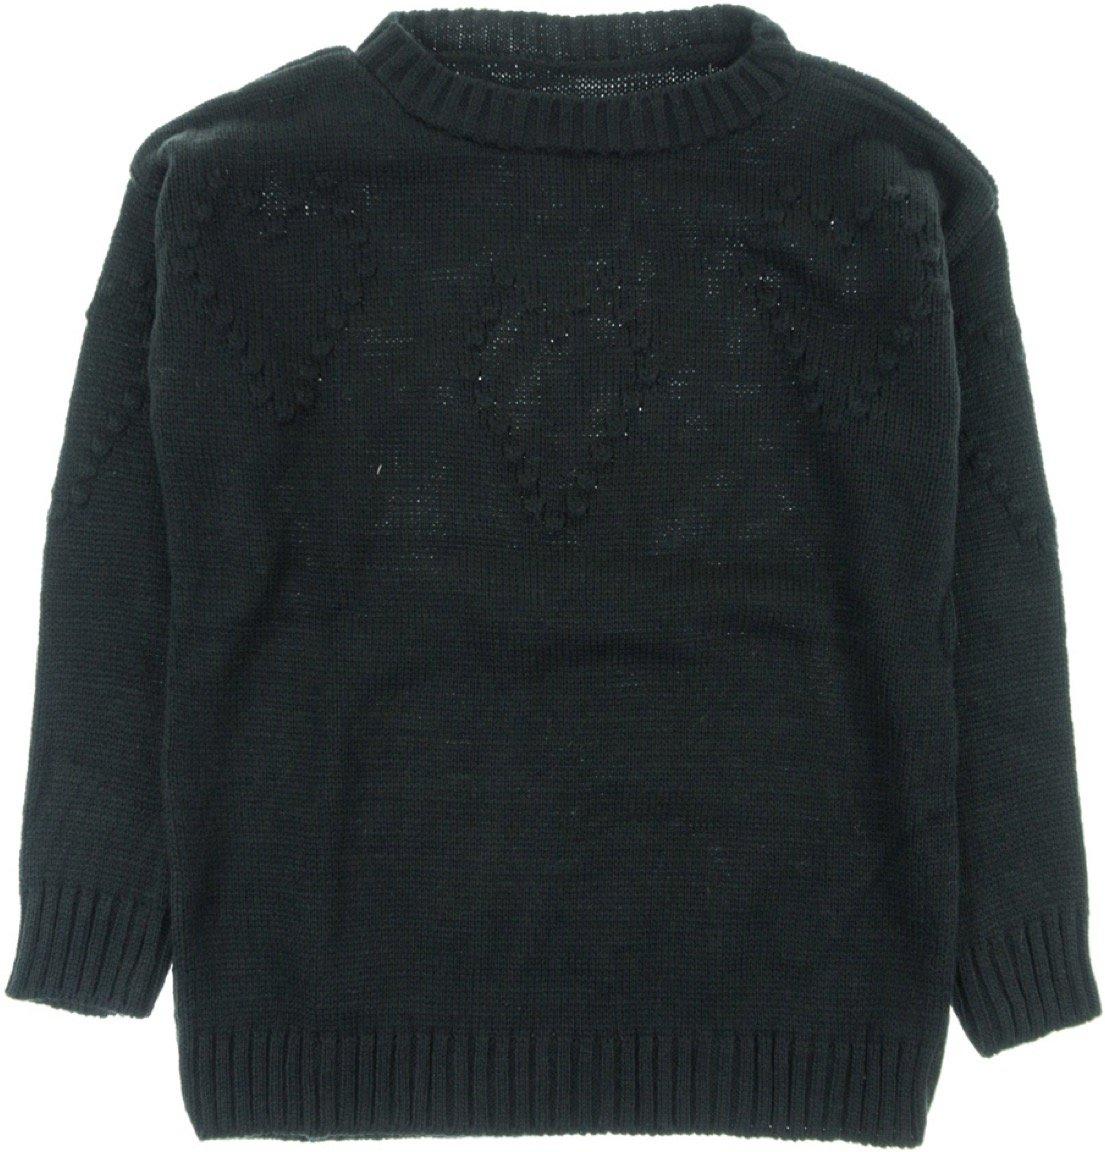 ΑΖ γυναικεία πλεκτή μπλούζα «Black Heart»